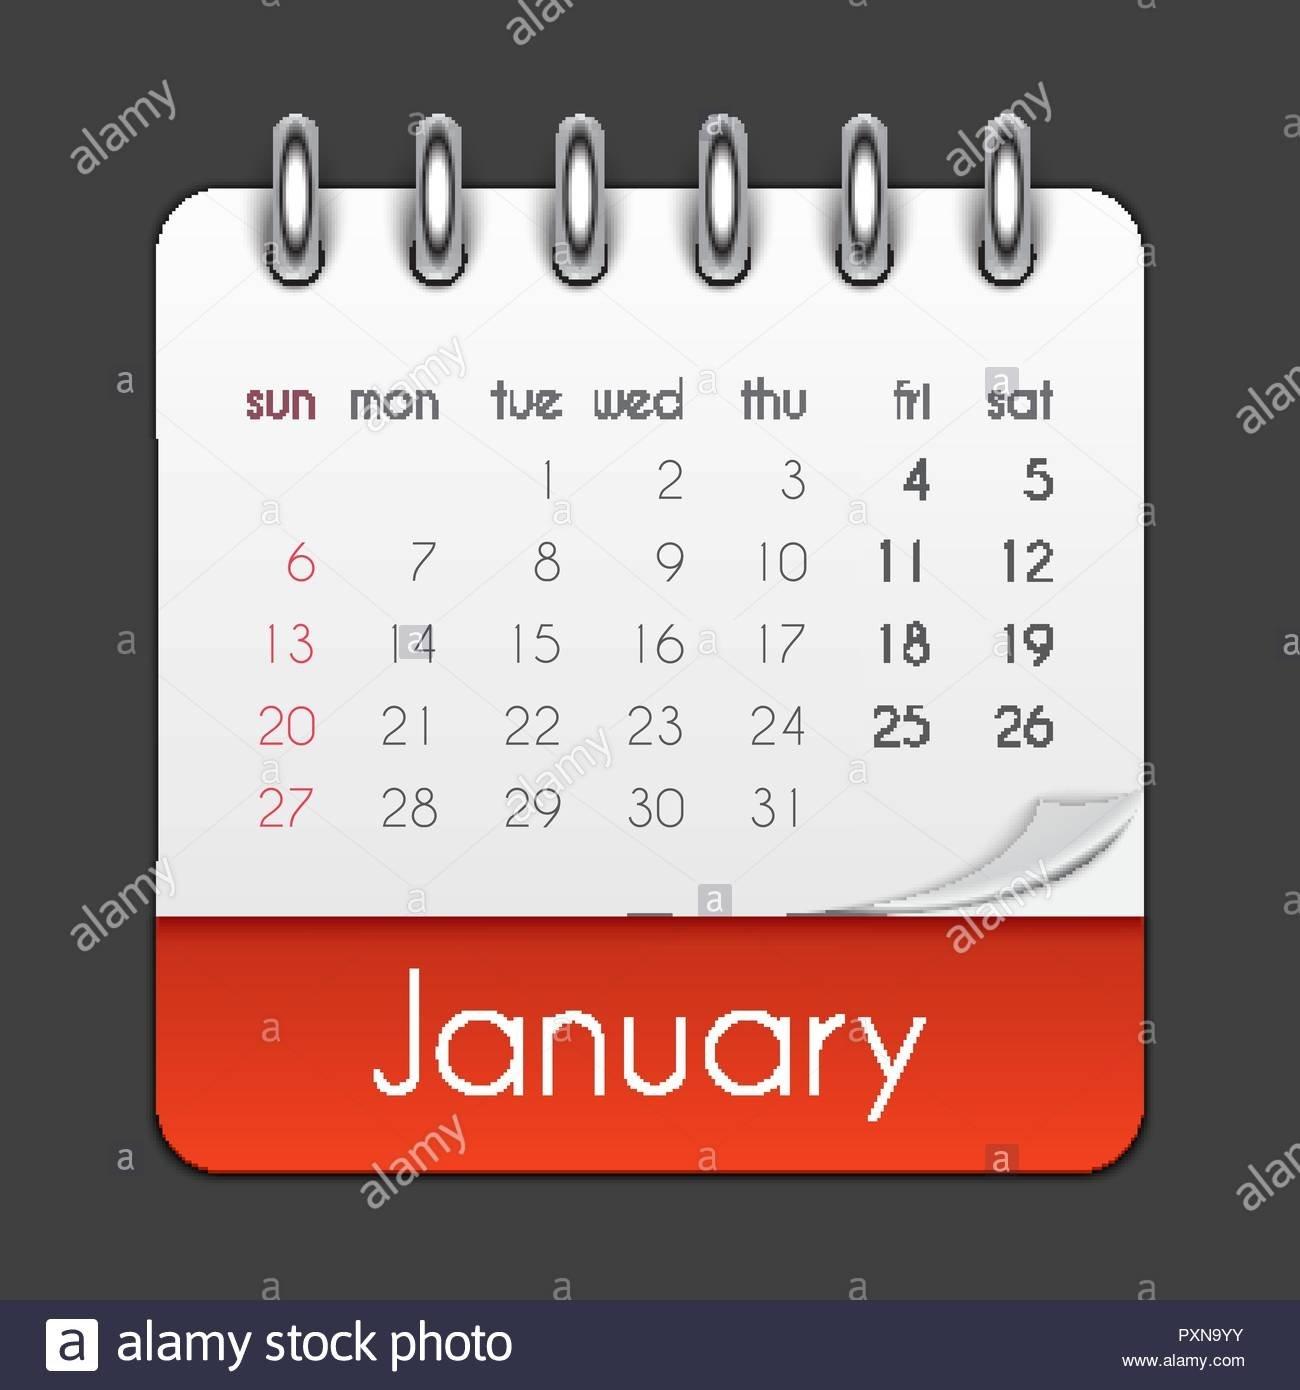 January 2019 Calendar Leaf Template Vector Illustration Stock Vector January 7 2019 Calendar